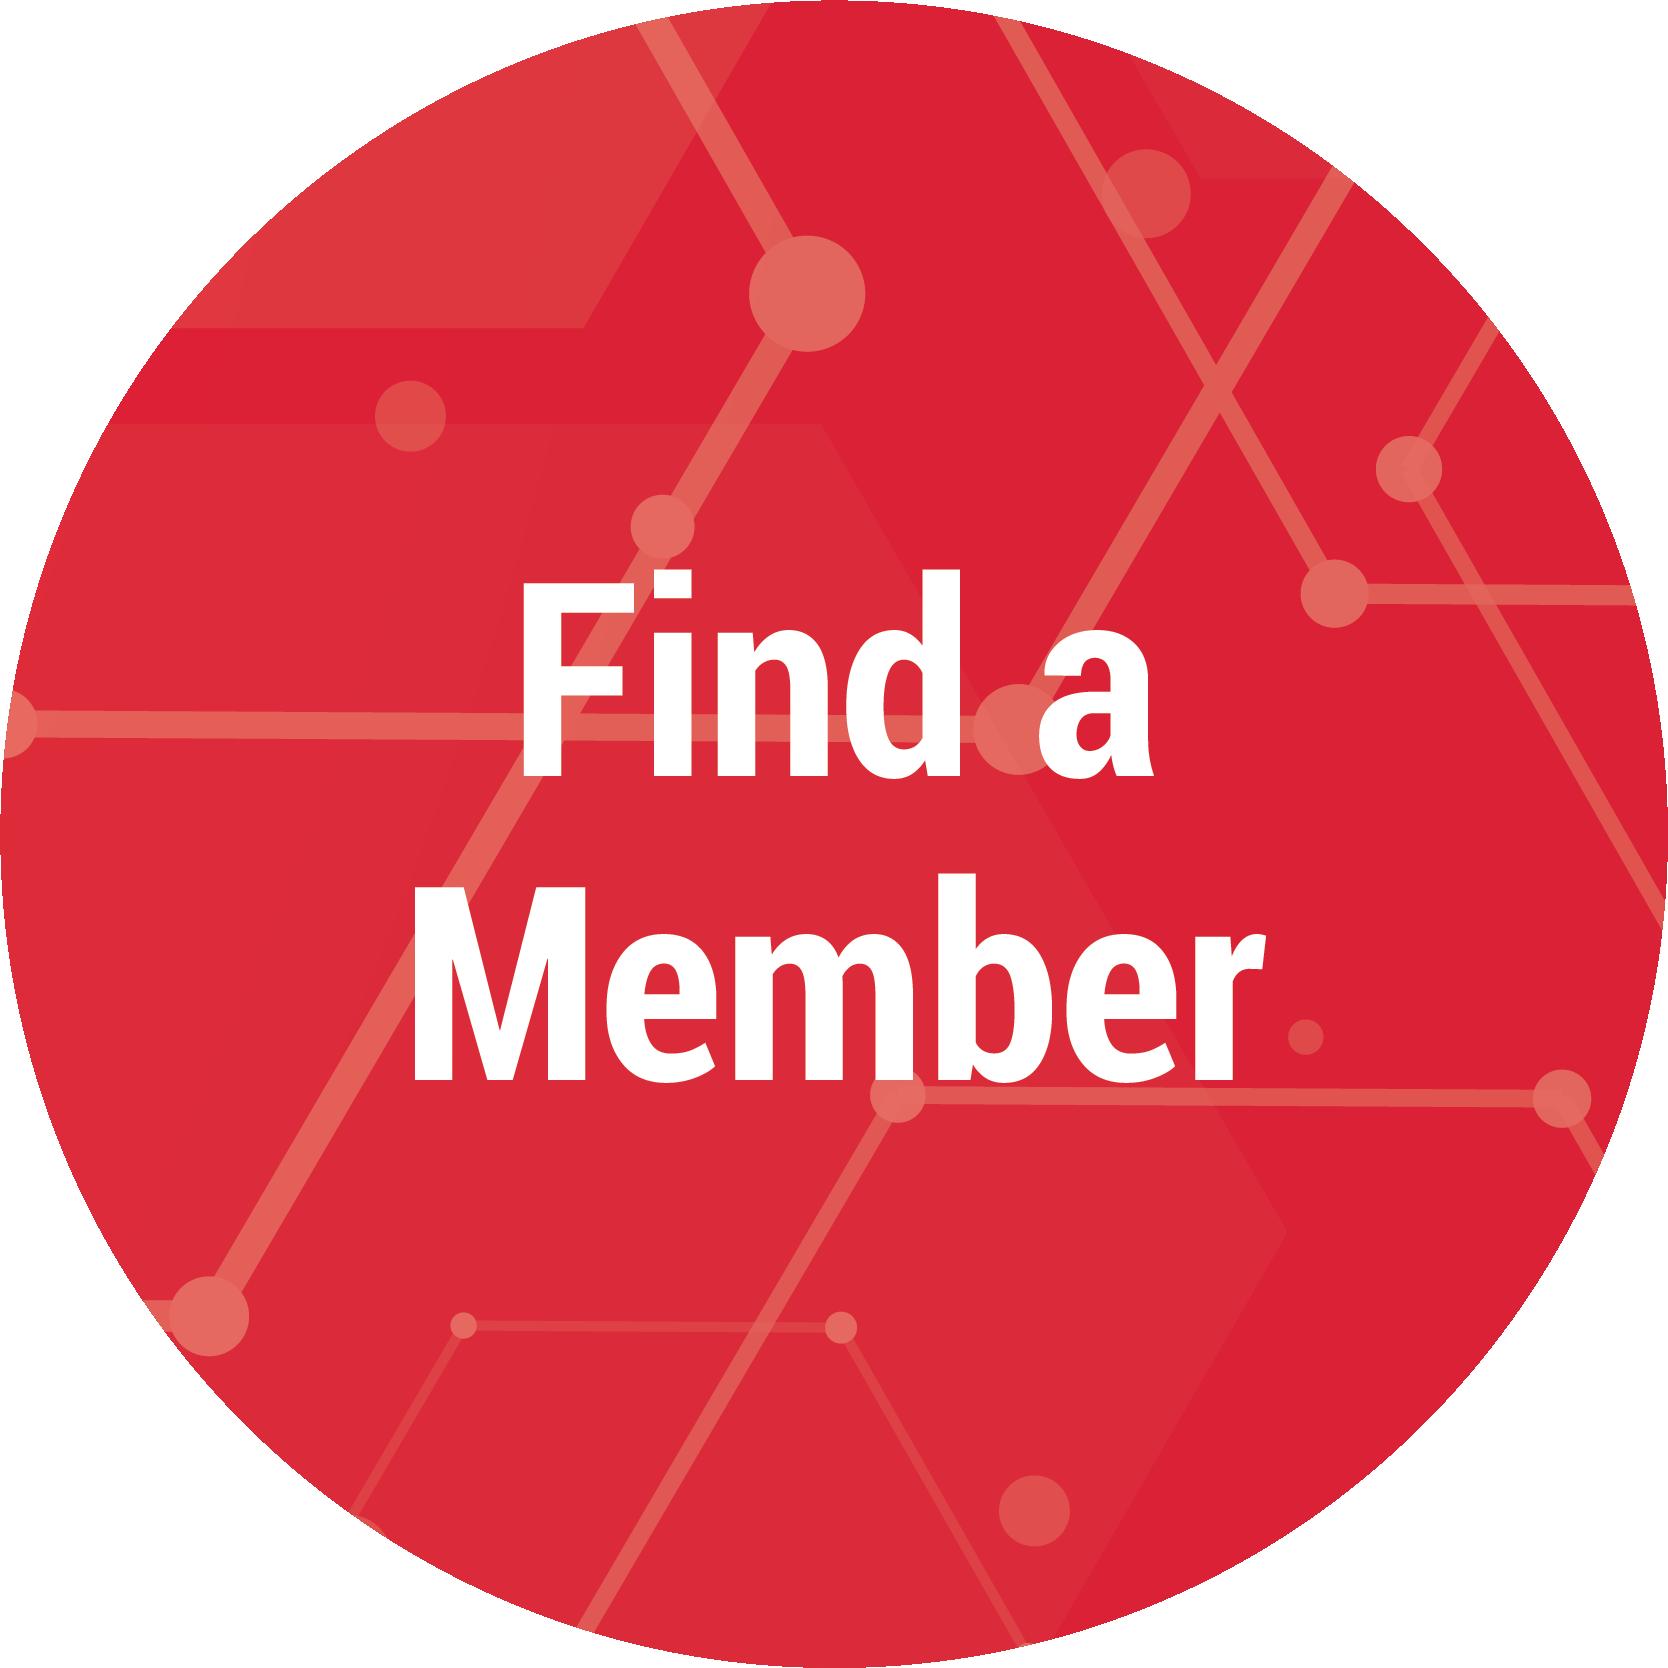 Find a Member